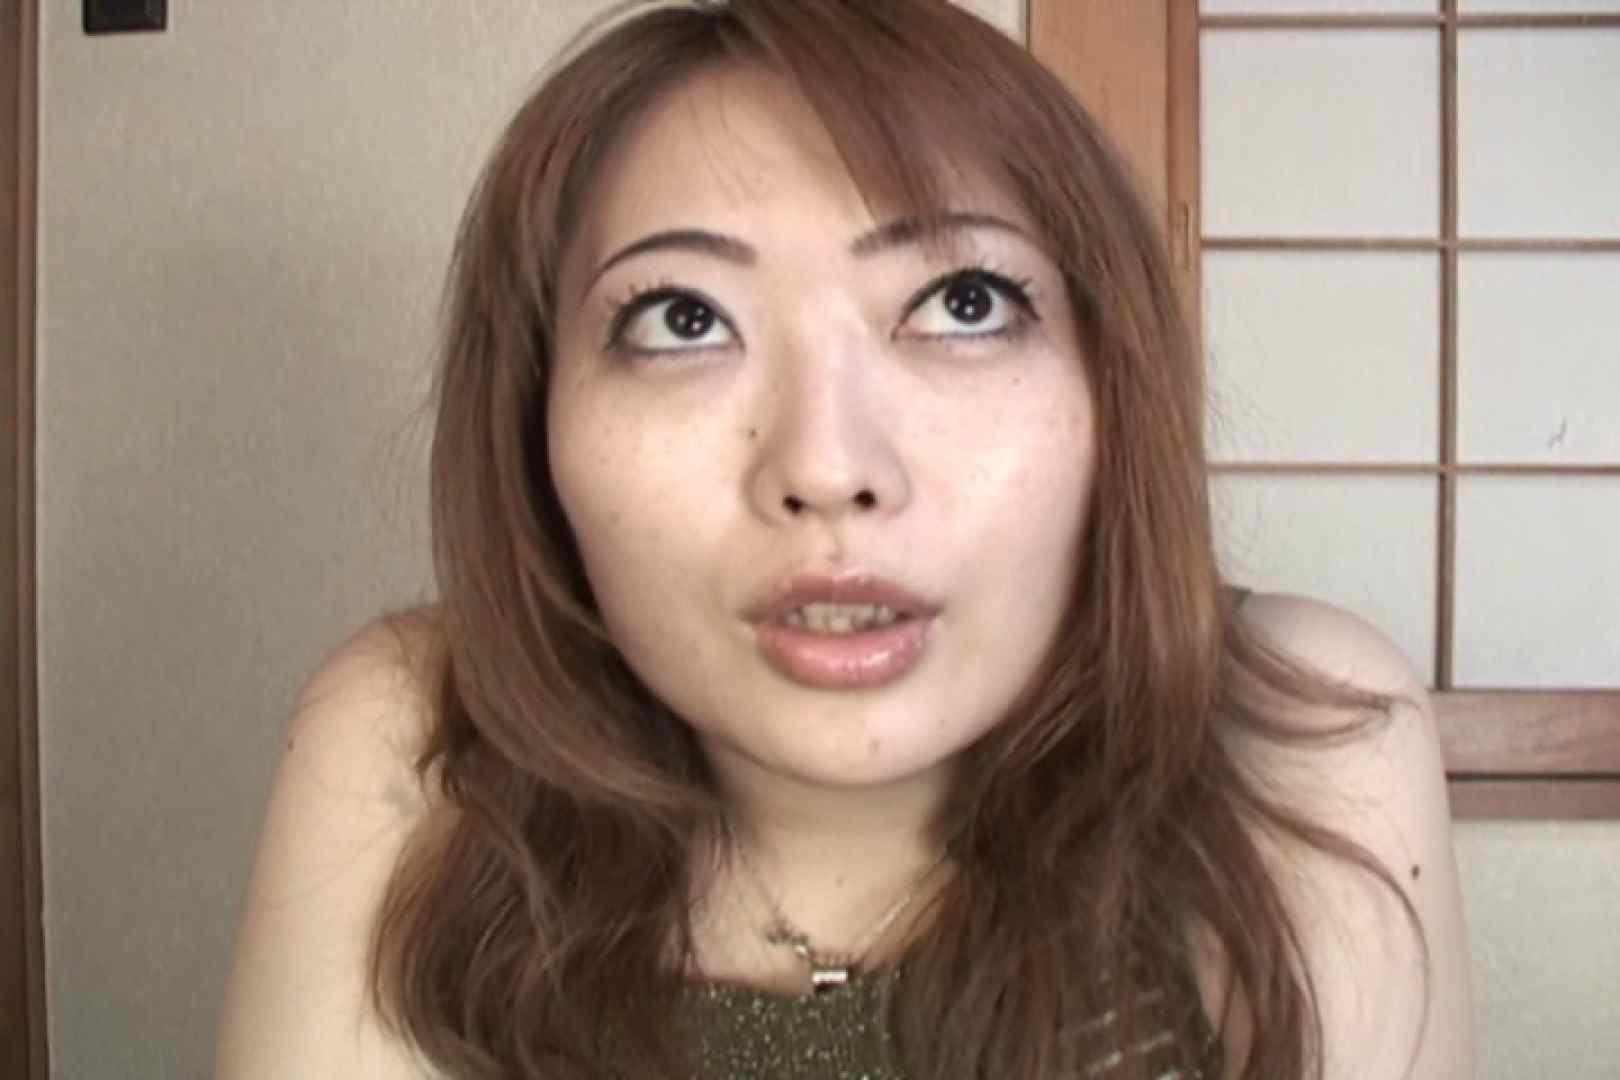 仕事で月200本のチンポを相手する22歳若人妻~桜井あい~ 人妻のエッチ  108pic 84